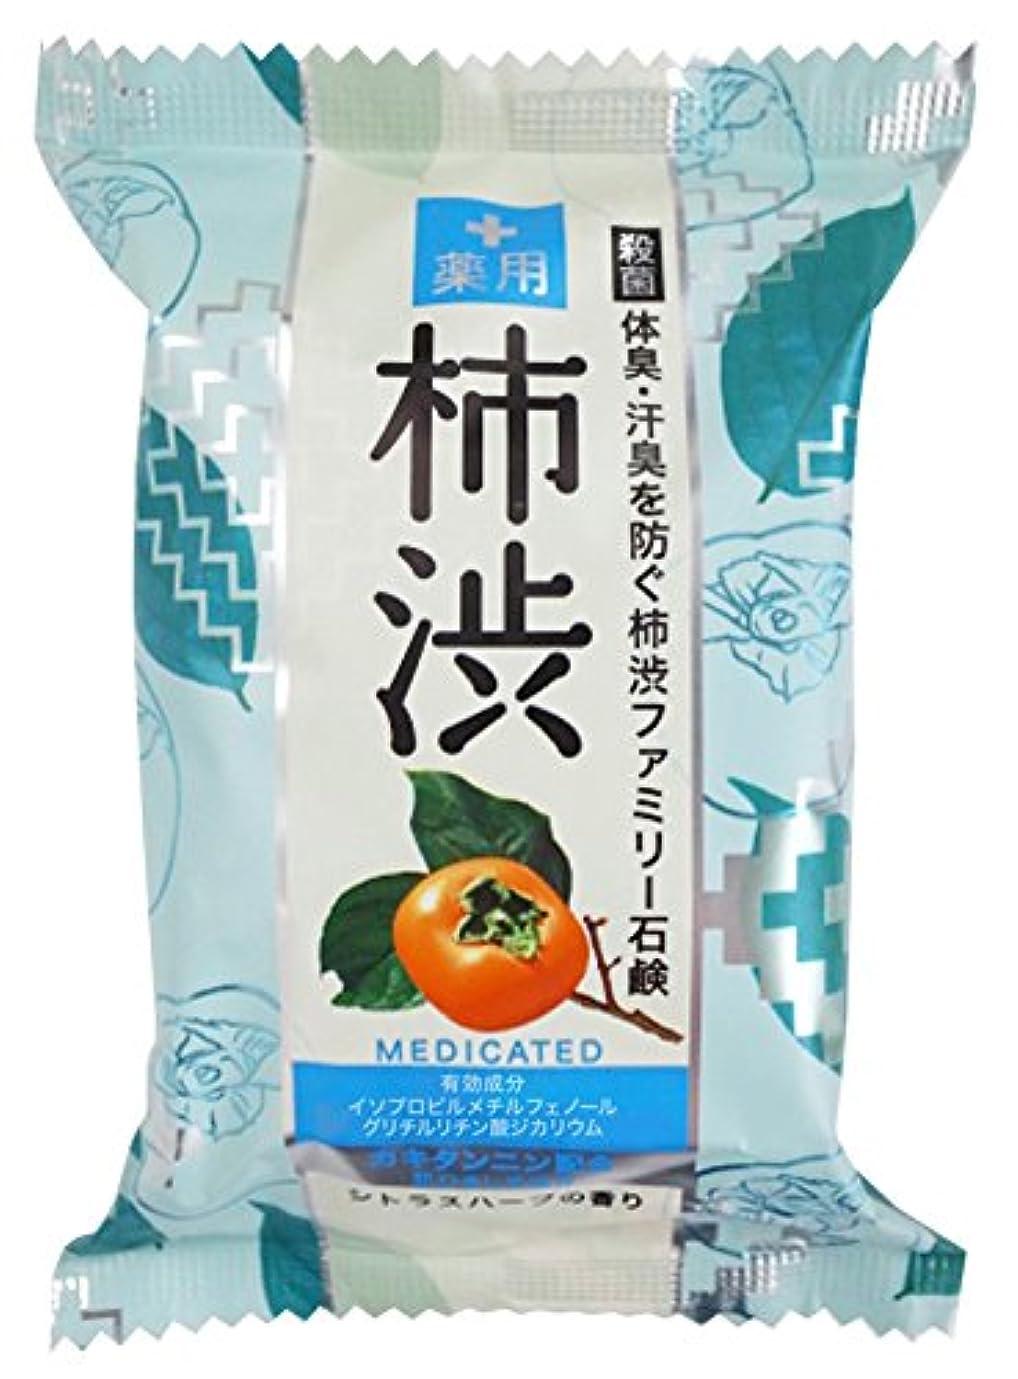 マーケティングさわやかイースターペリカン石鹸 薬用ファミリー柿渋石鹸